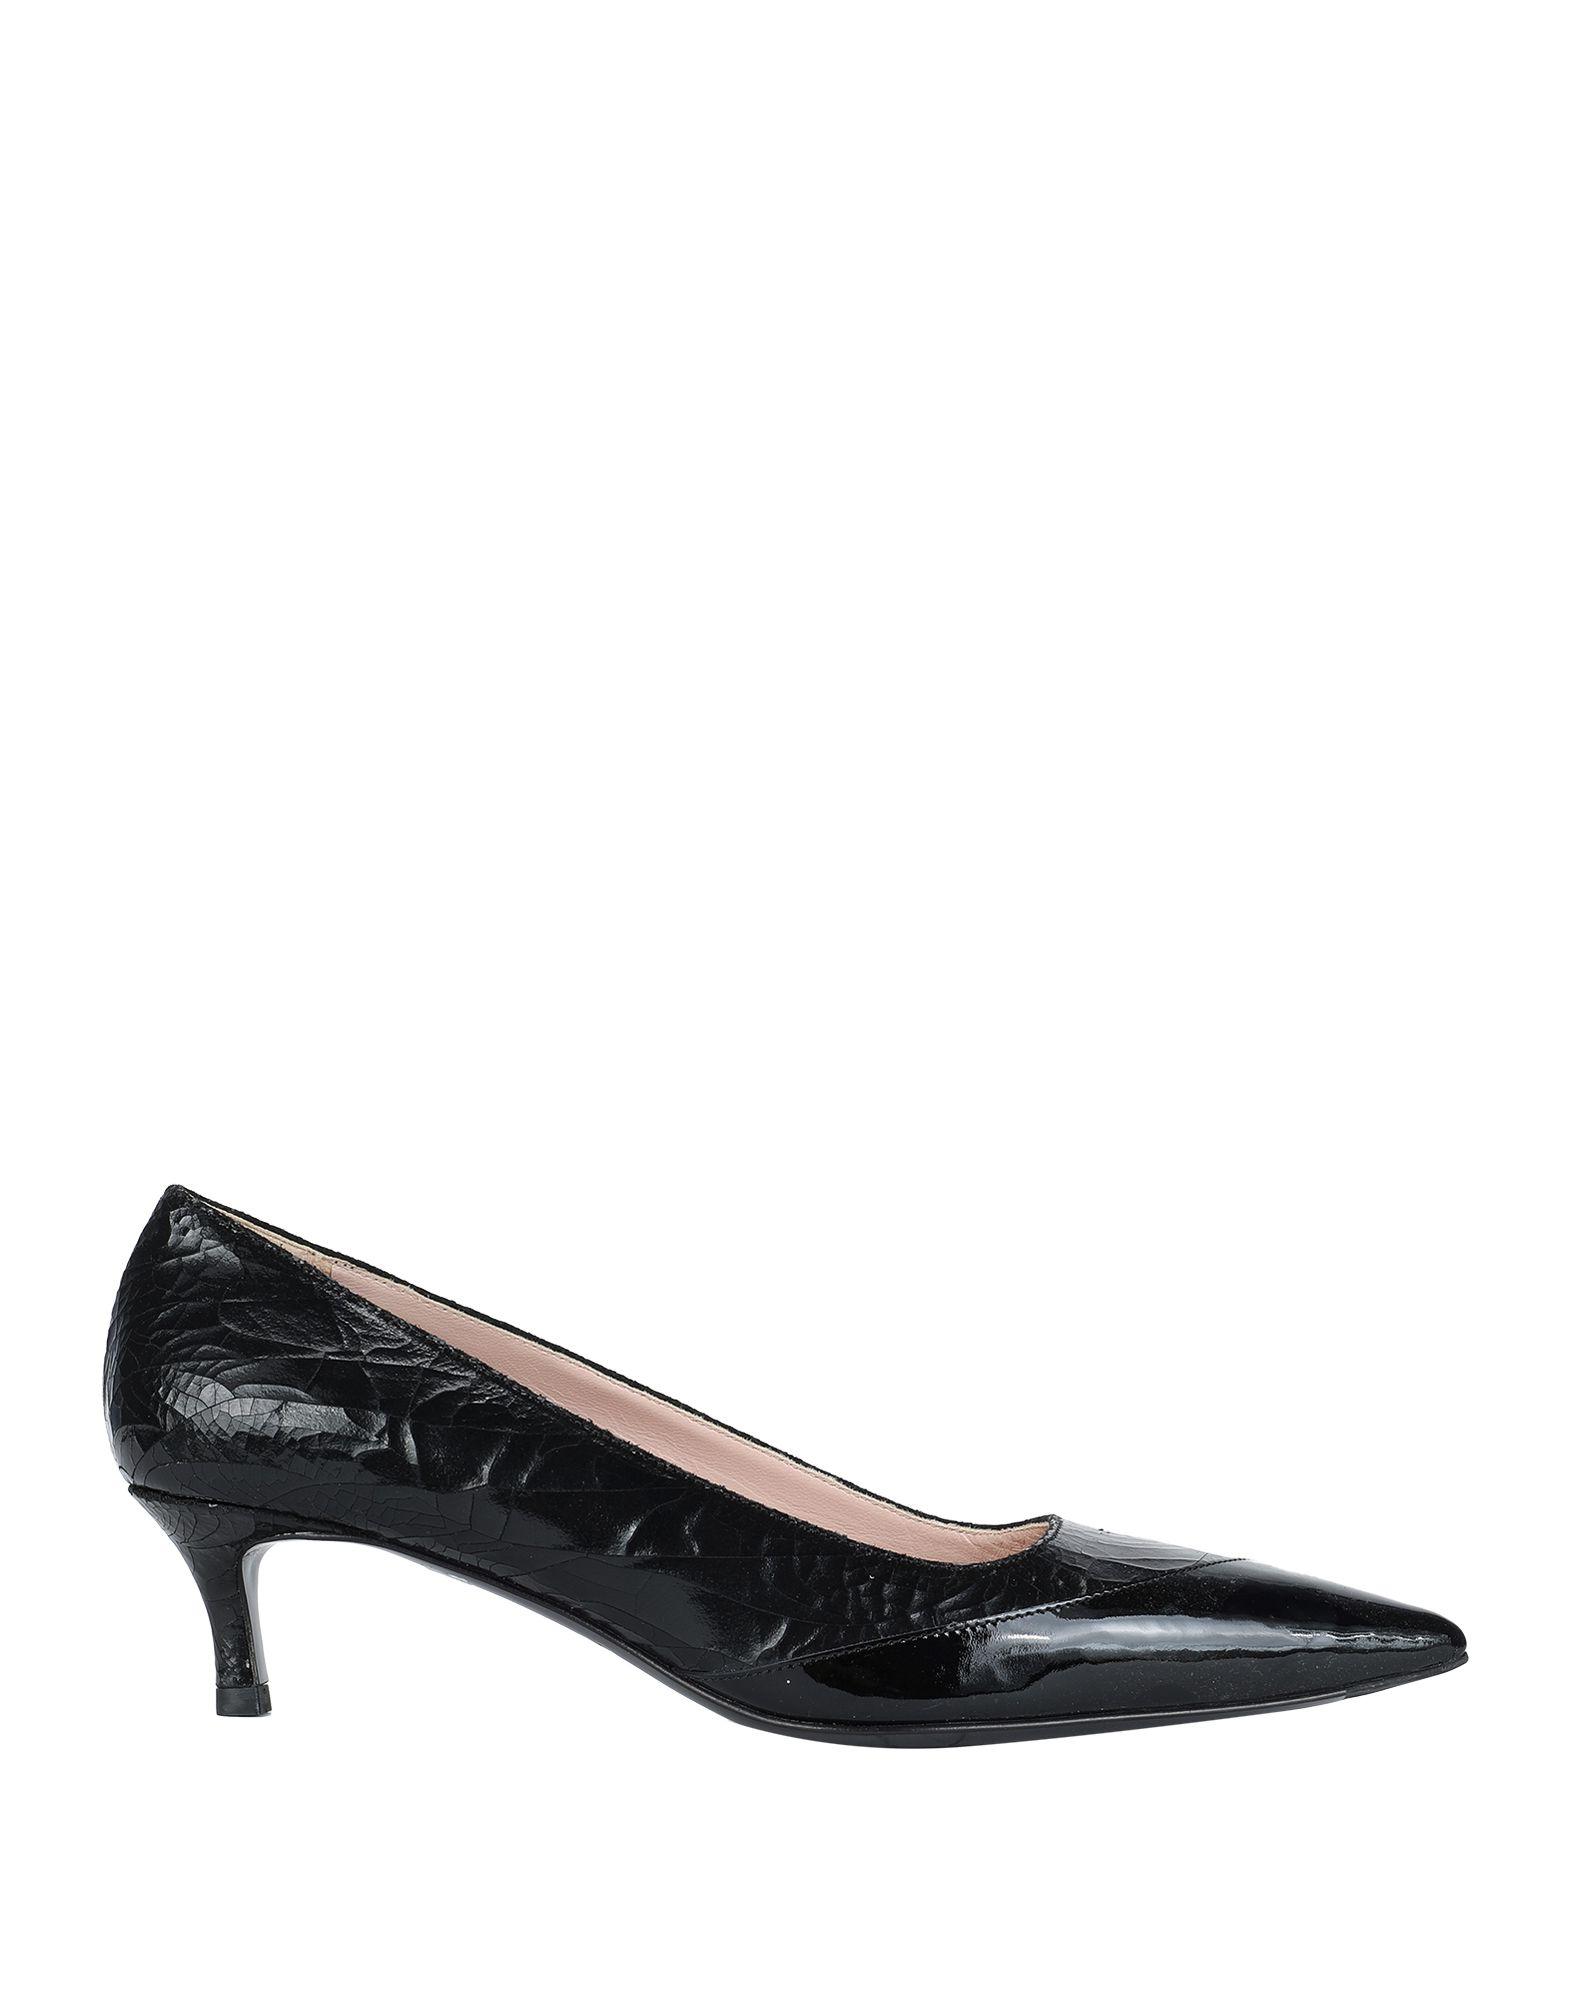 Escarpins Miu Miu Femme - Escarpins Miu Miu Noir Chaussures casual sauvages